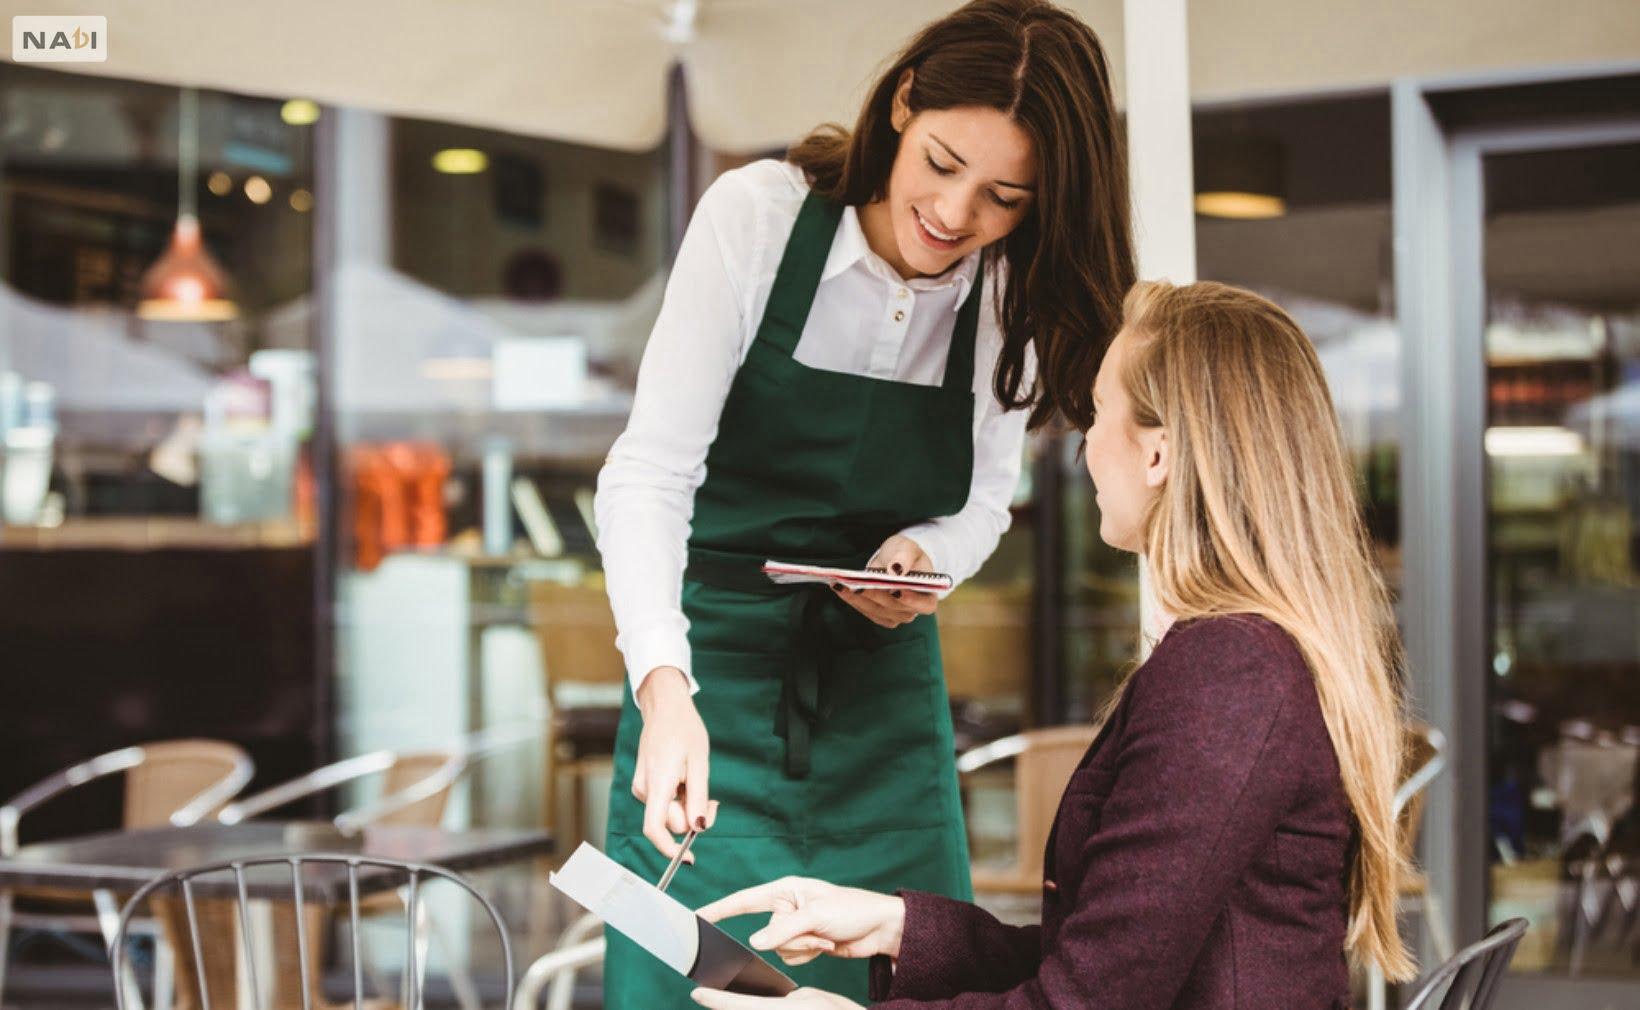 Một cô nhân viên bình thường nói tiếng Anh lưu loát, trông có vẻ thật chuyên nghiệp nhỉ?